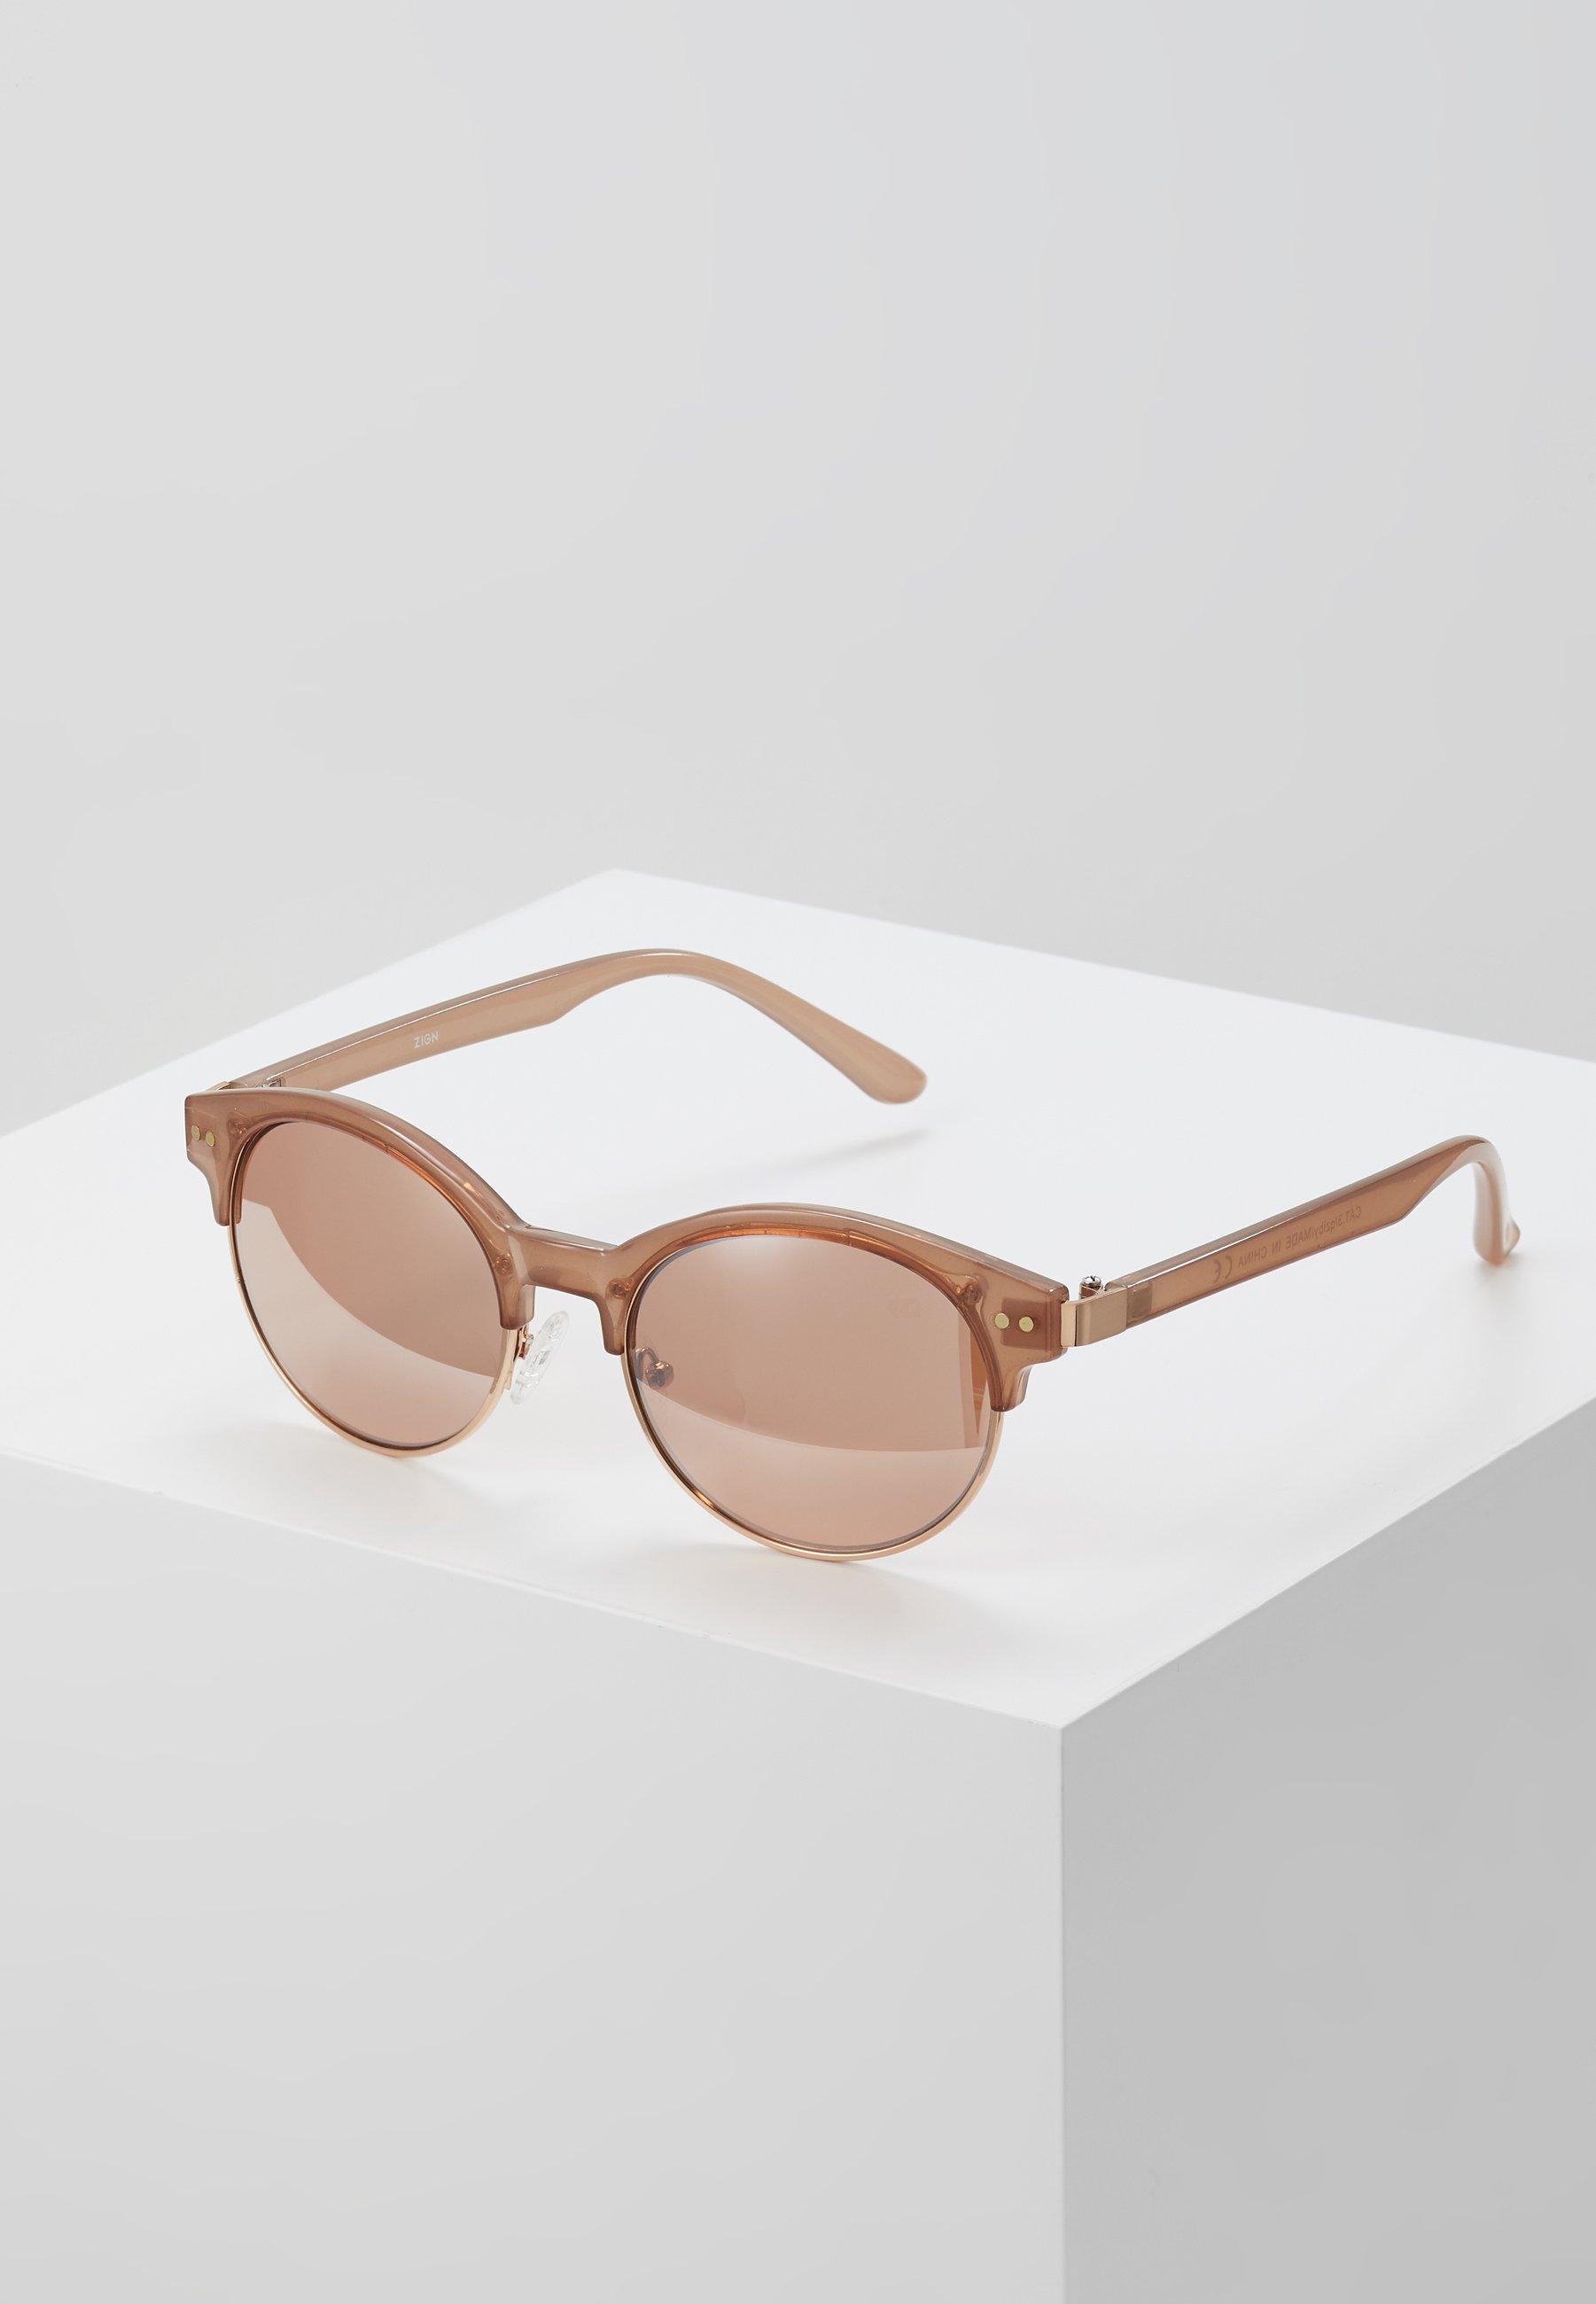 Zign Sonnenbrille - rose